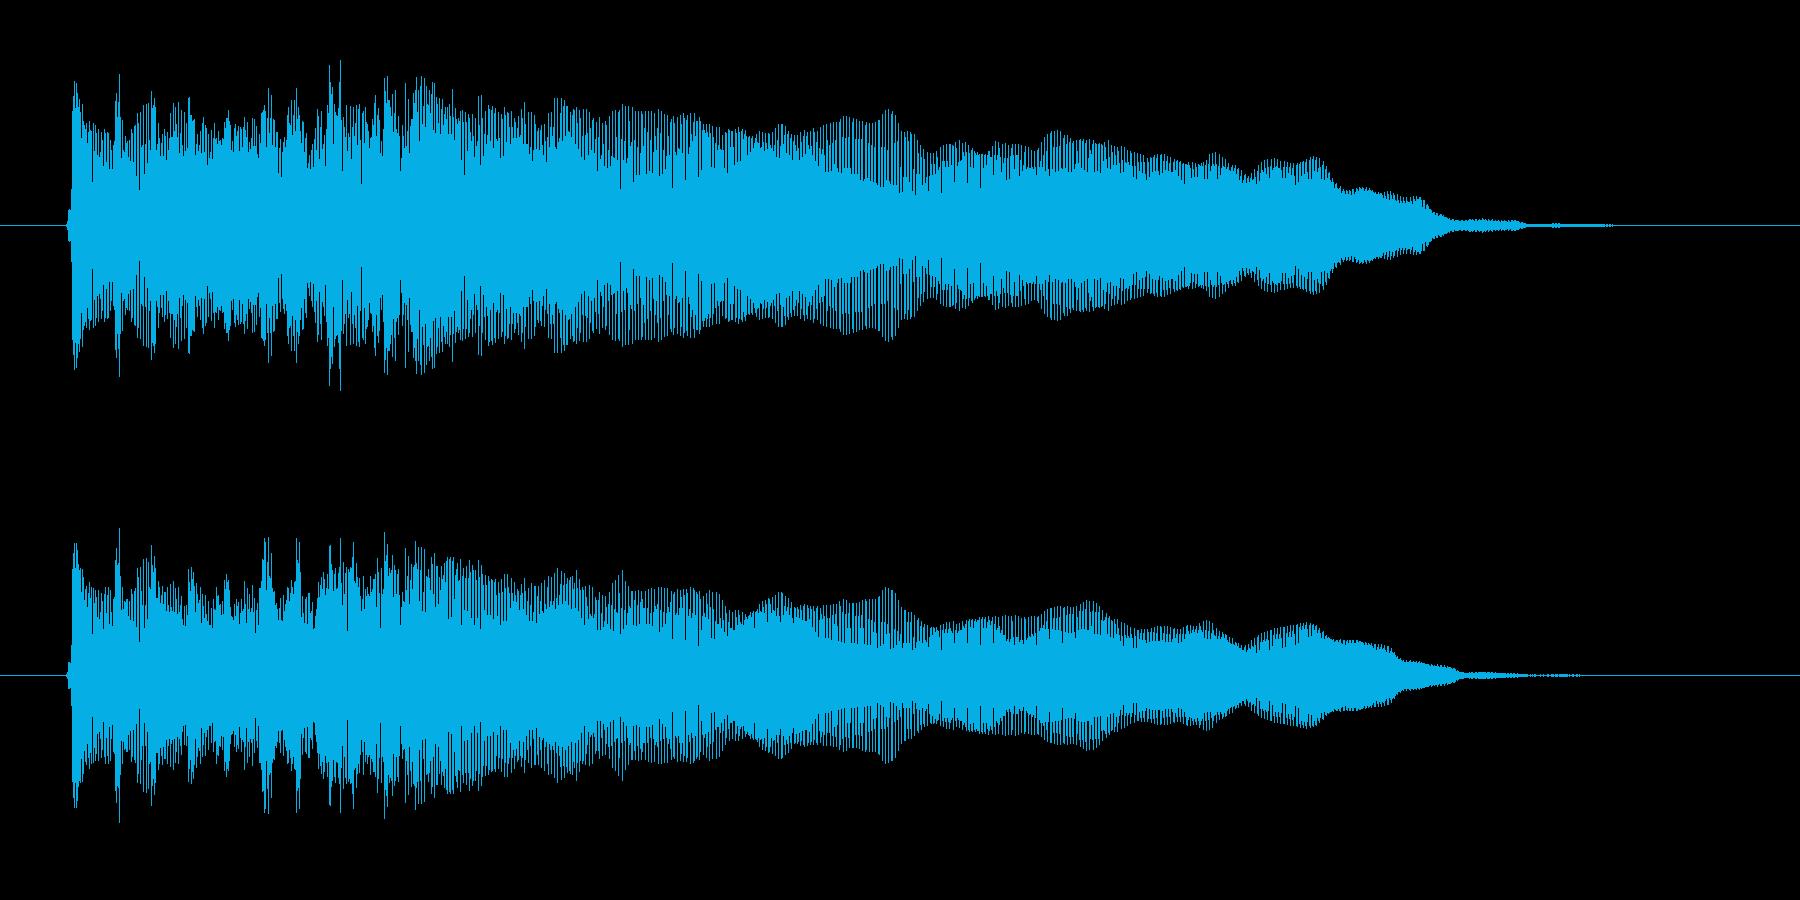 重低音ギターロックサウンド(ジングル)の再生済みの波形